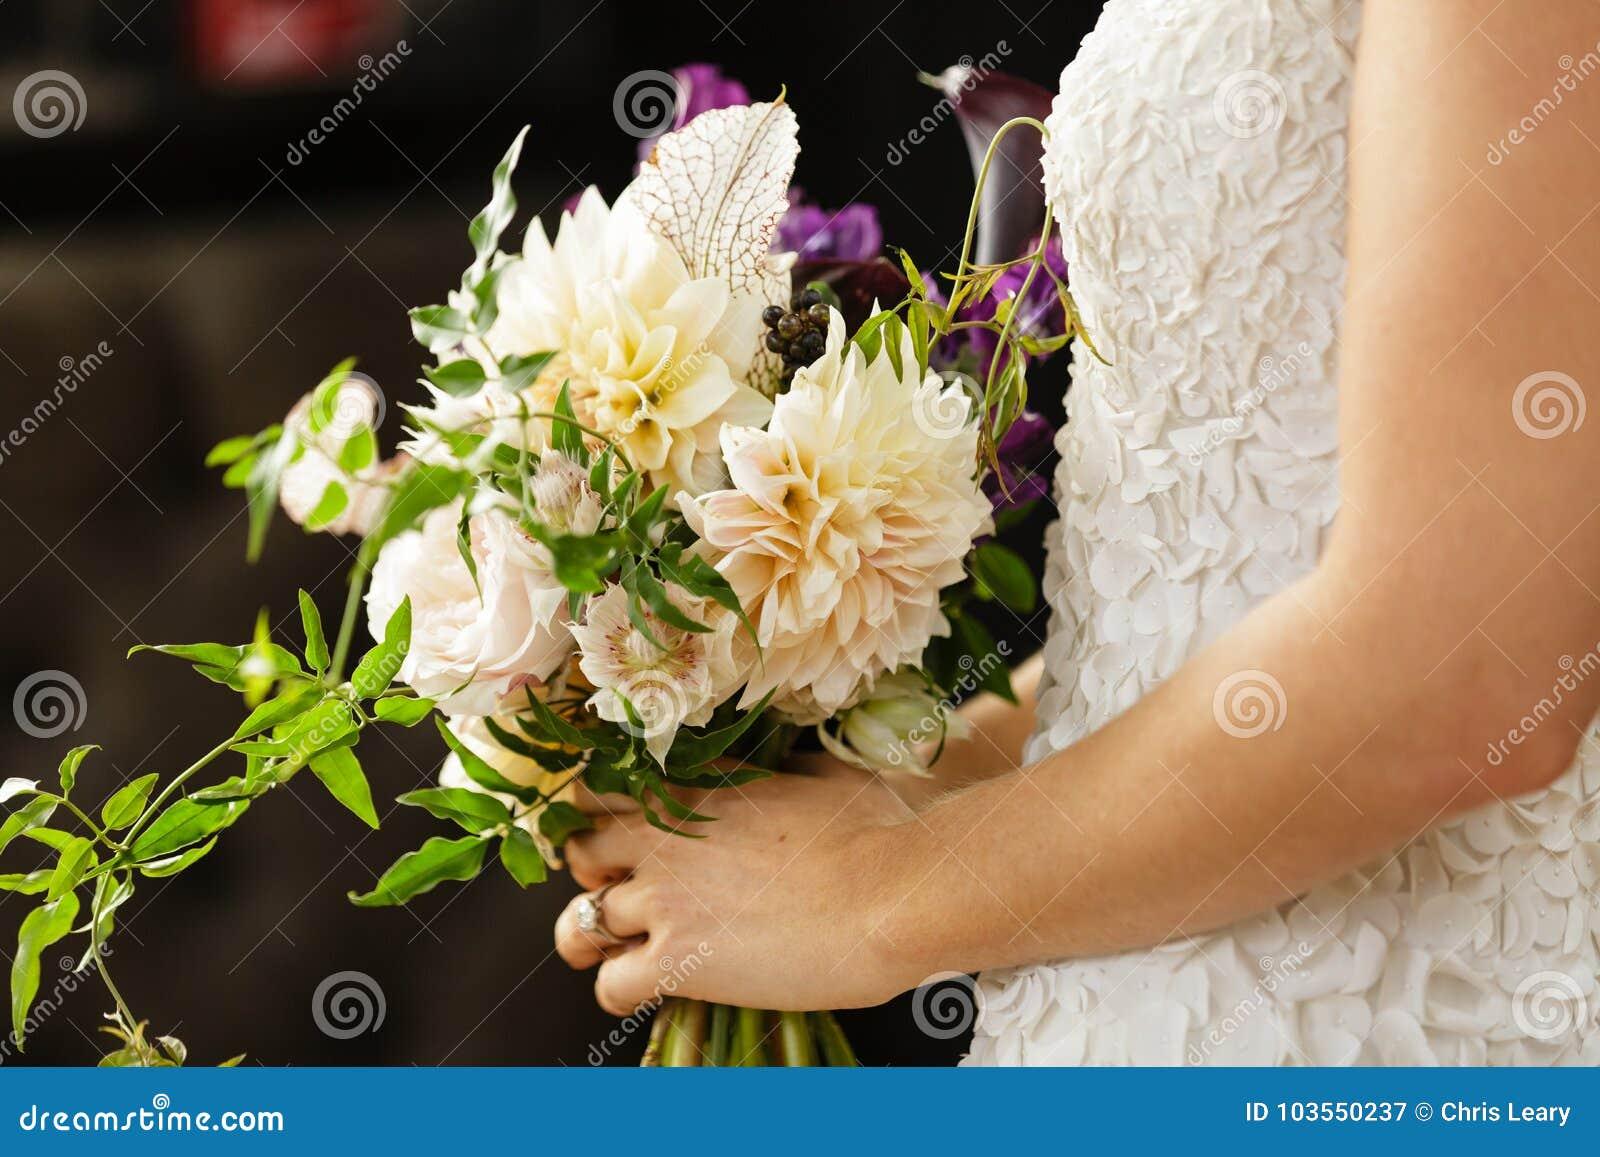 demoiselle d'honneur de jeune mariée tenant le bouquet de fleur de